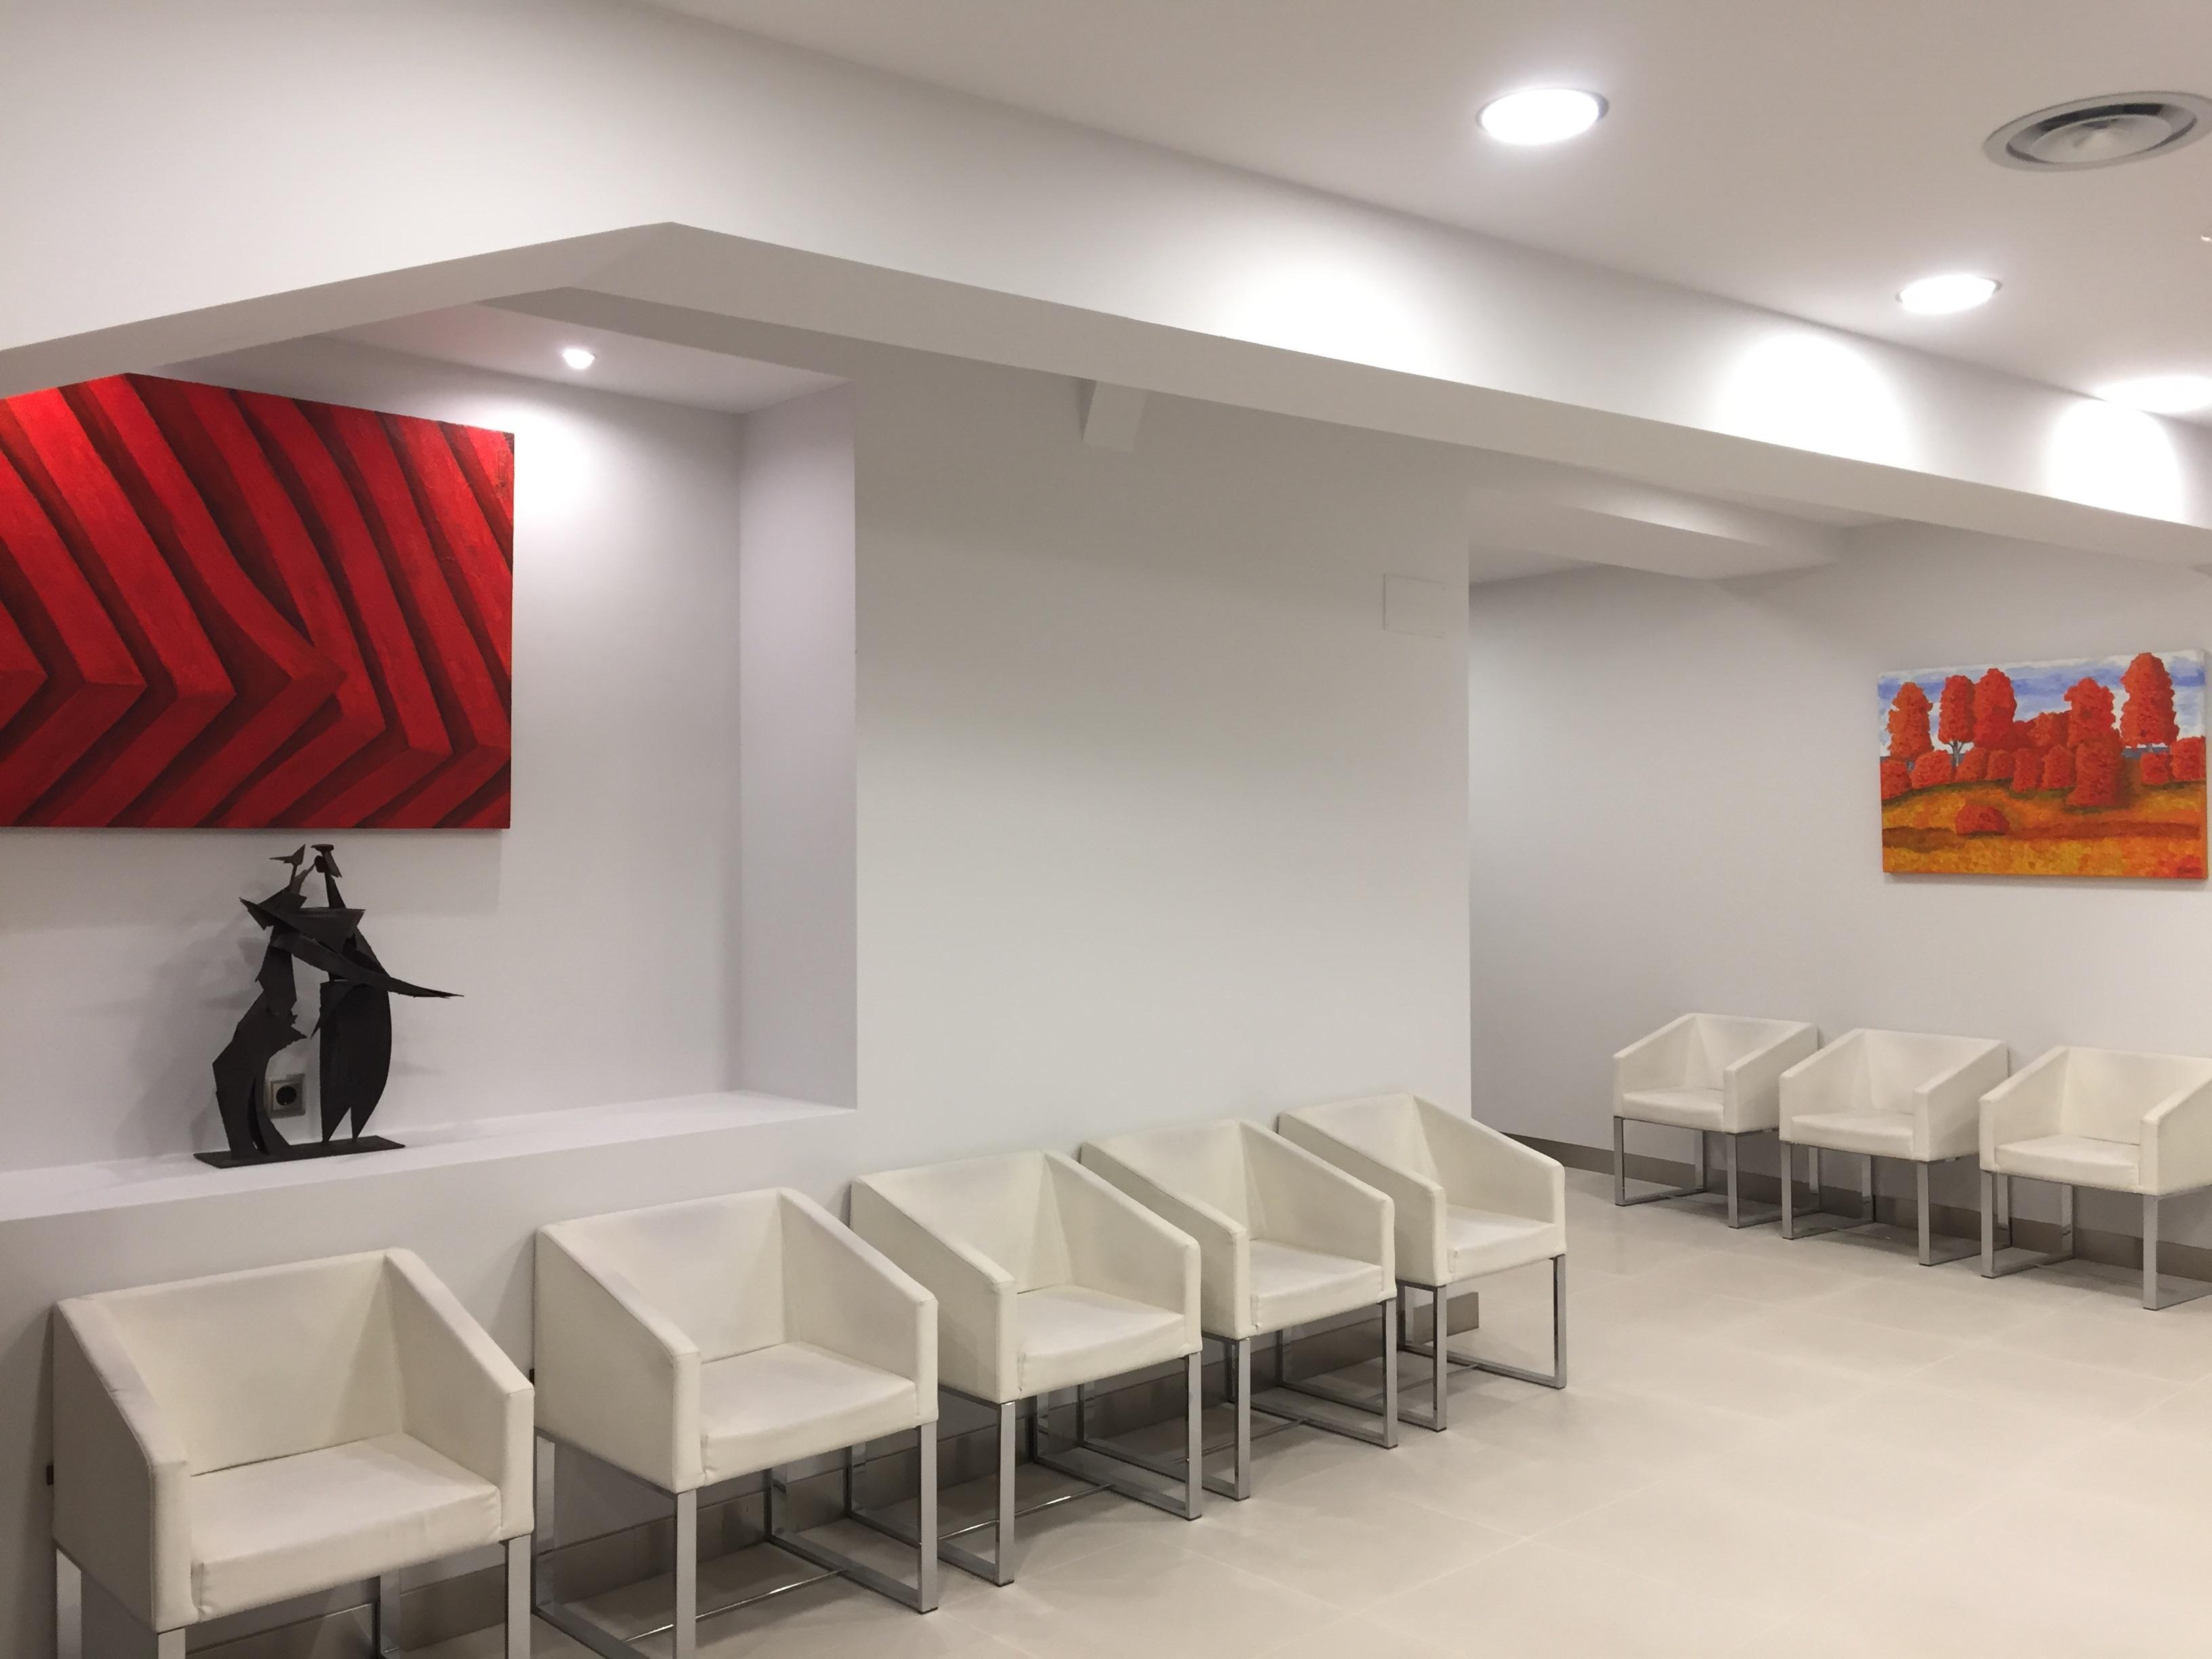 Sala de espera 2-3